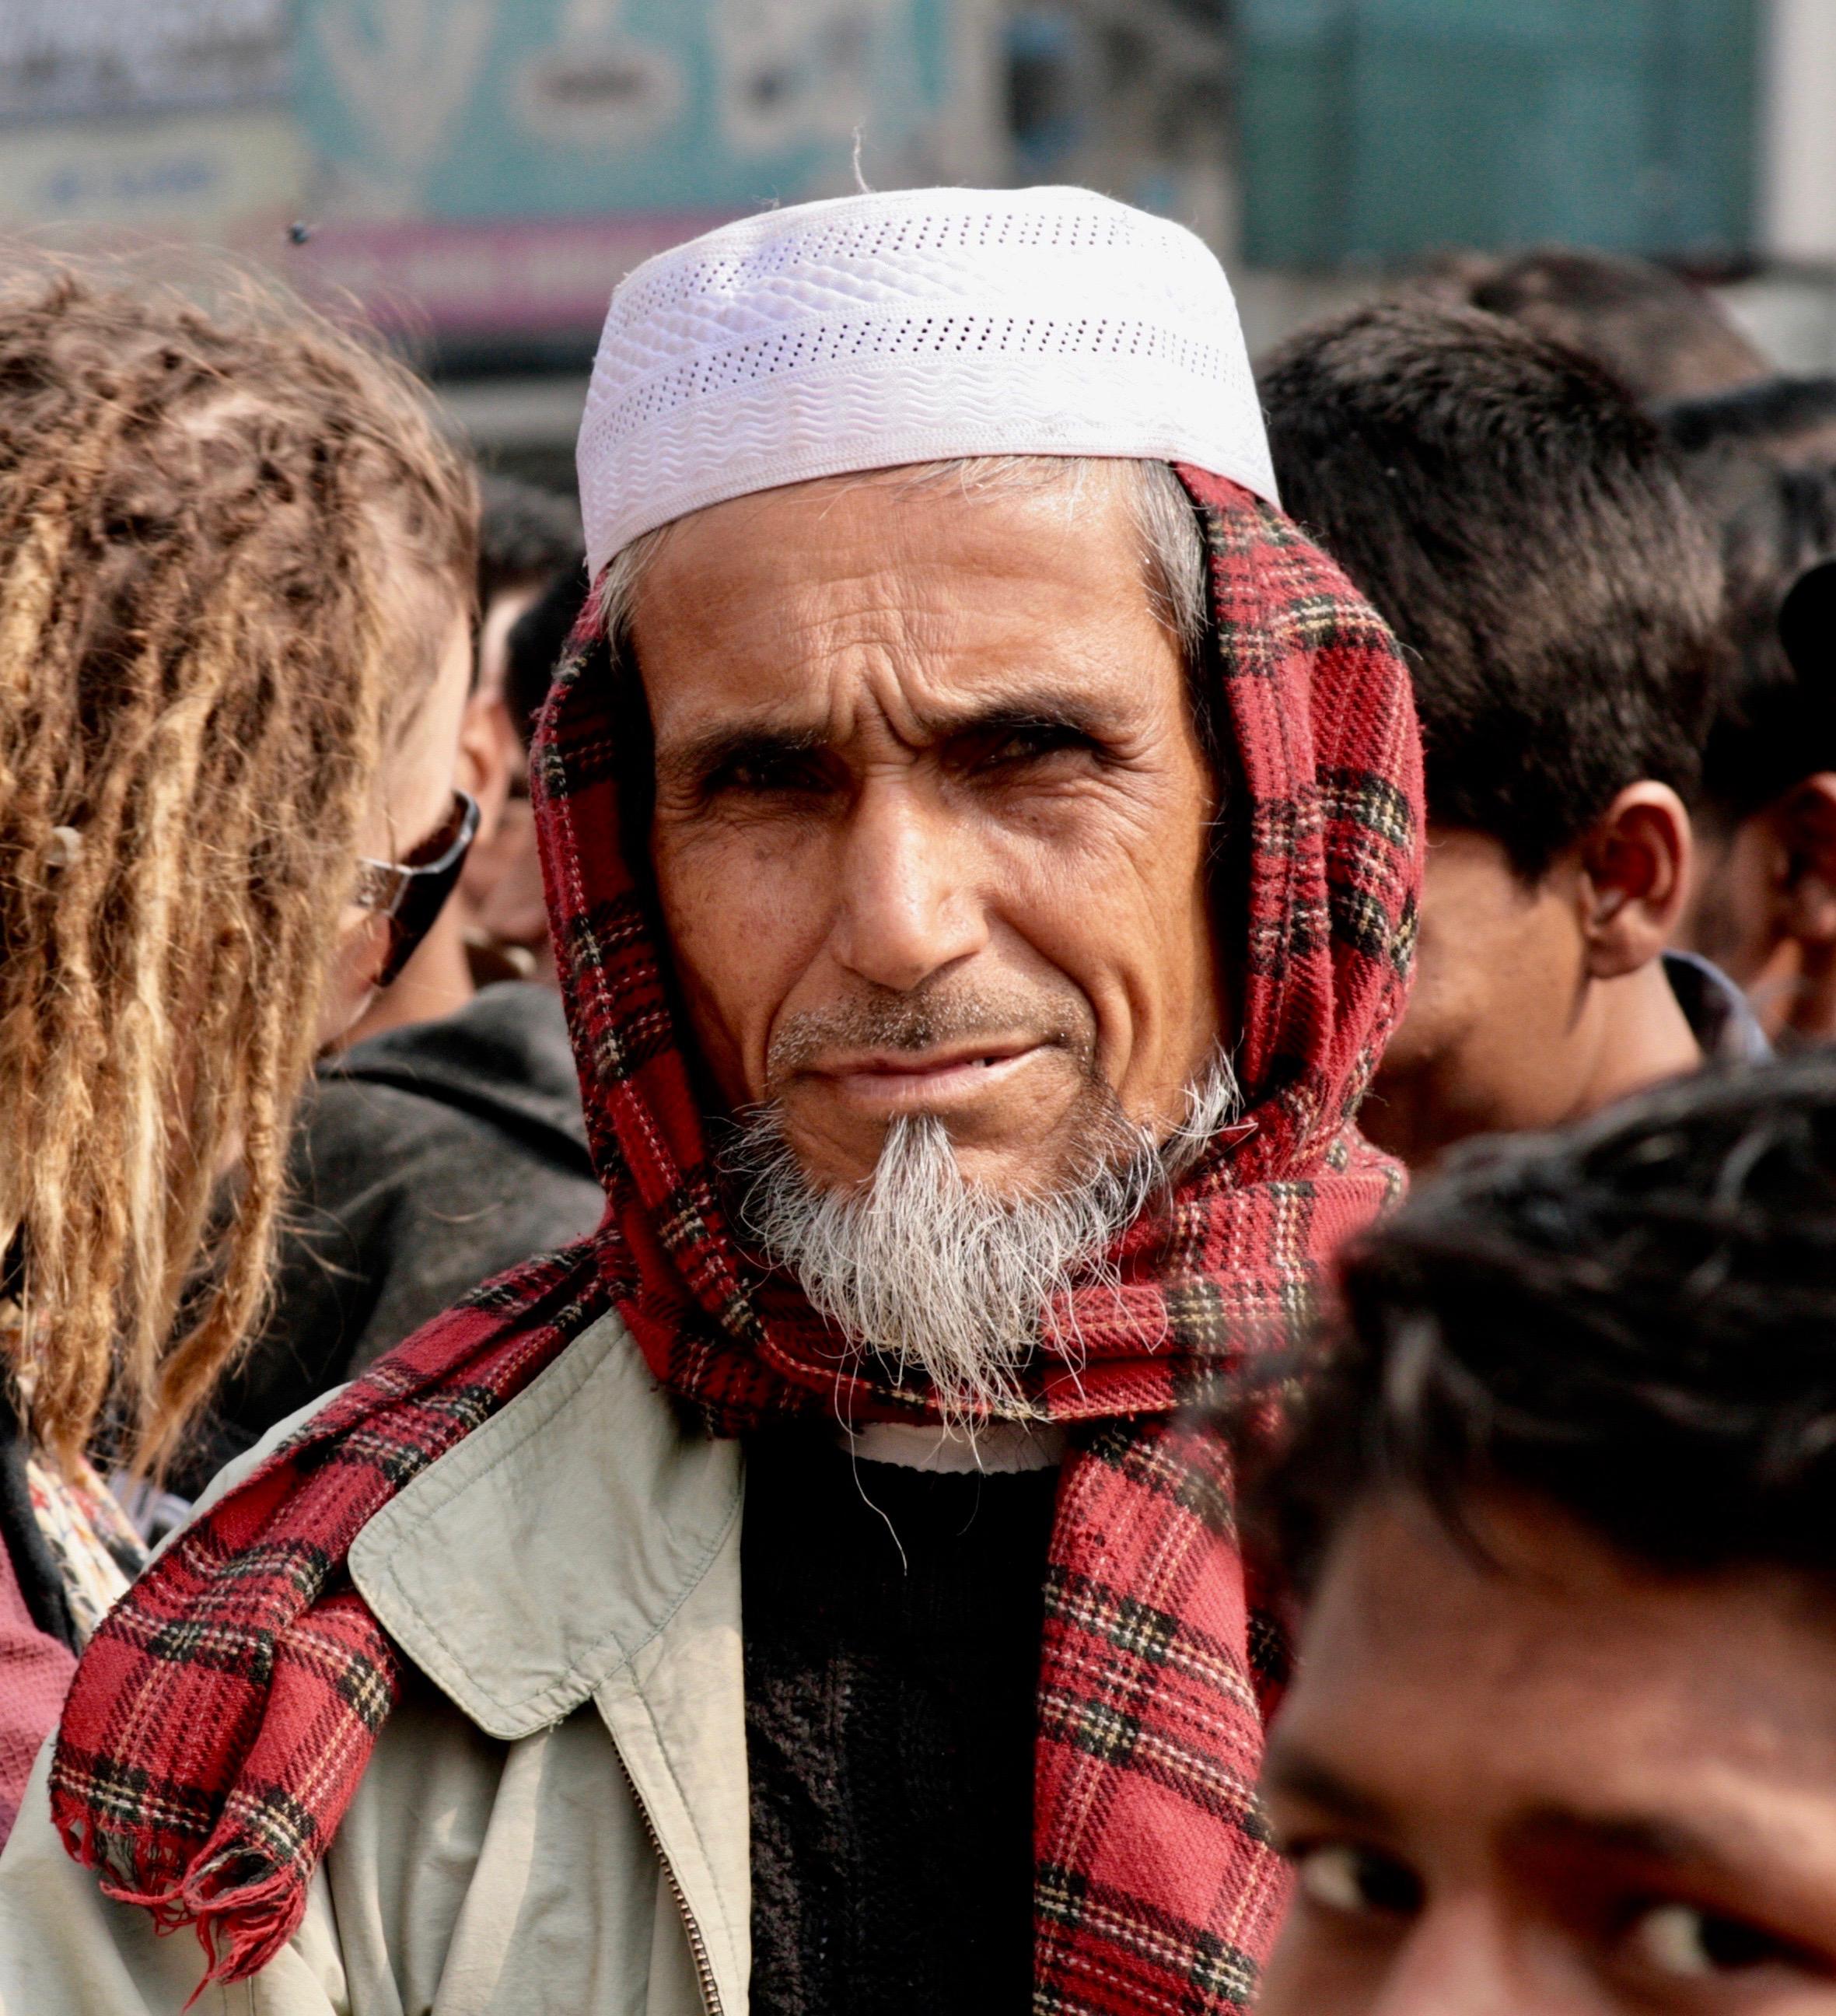 People-Muslim Man in Crowd.jpg